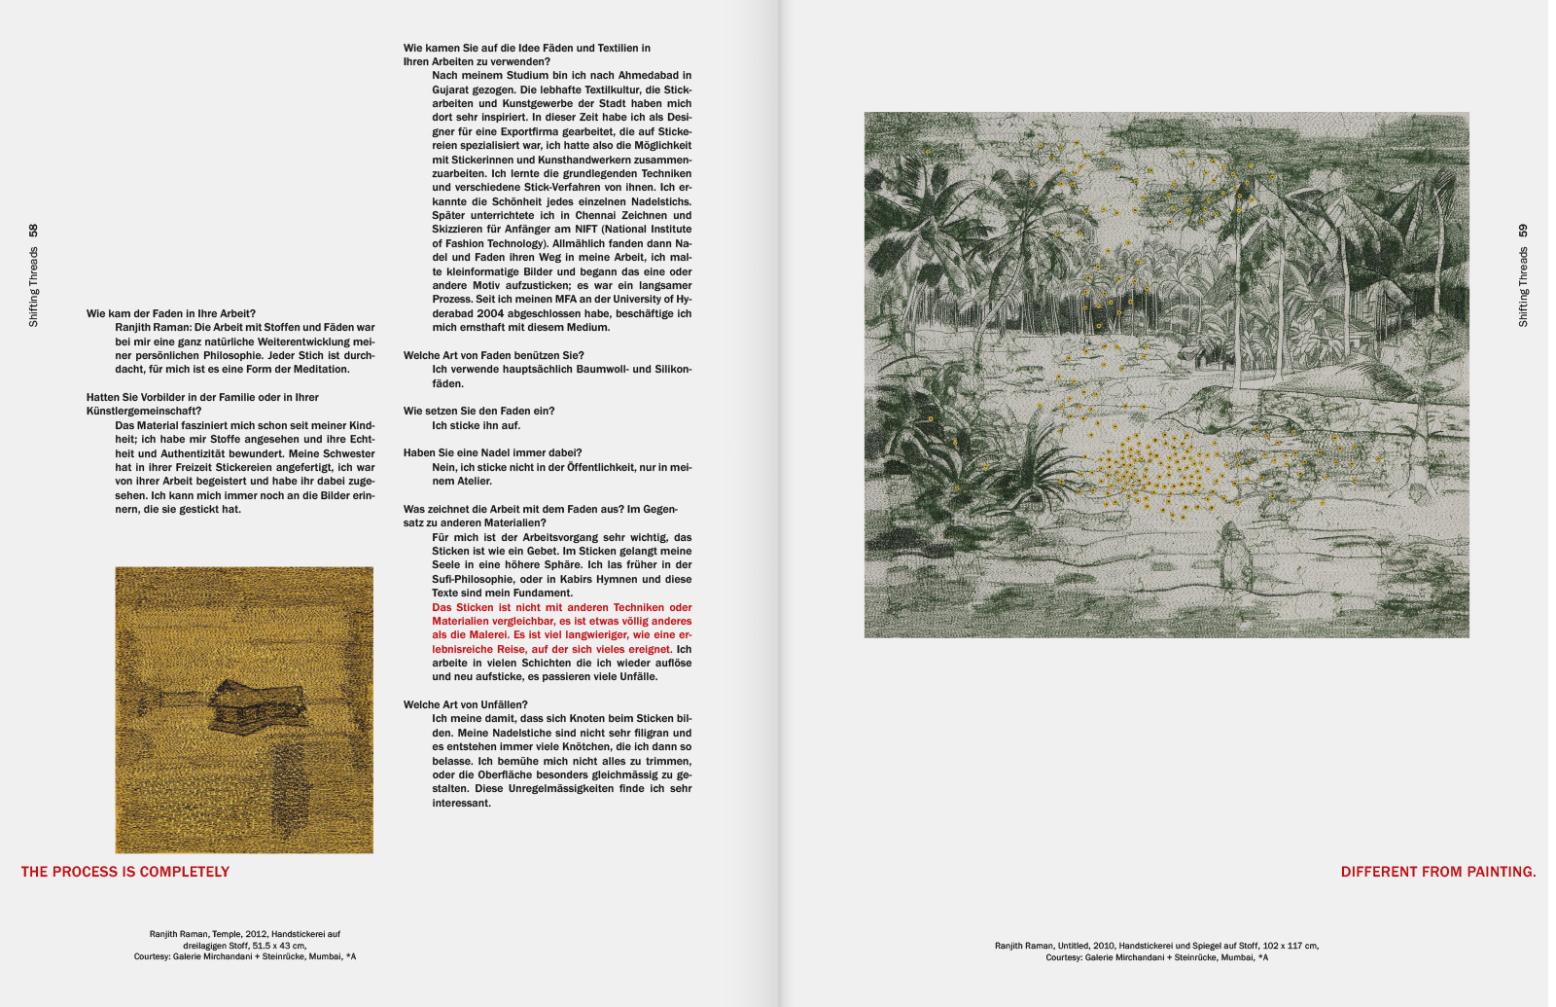 Varga Mihály, Mihaly Varga, Varga, Mihaly, Mihály Varga, Katalog, Broschüre, Heft, Editorial, Editorial Design